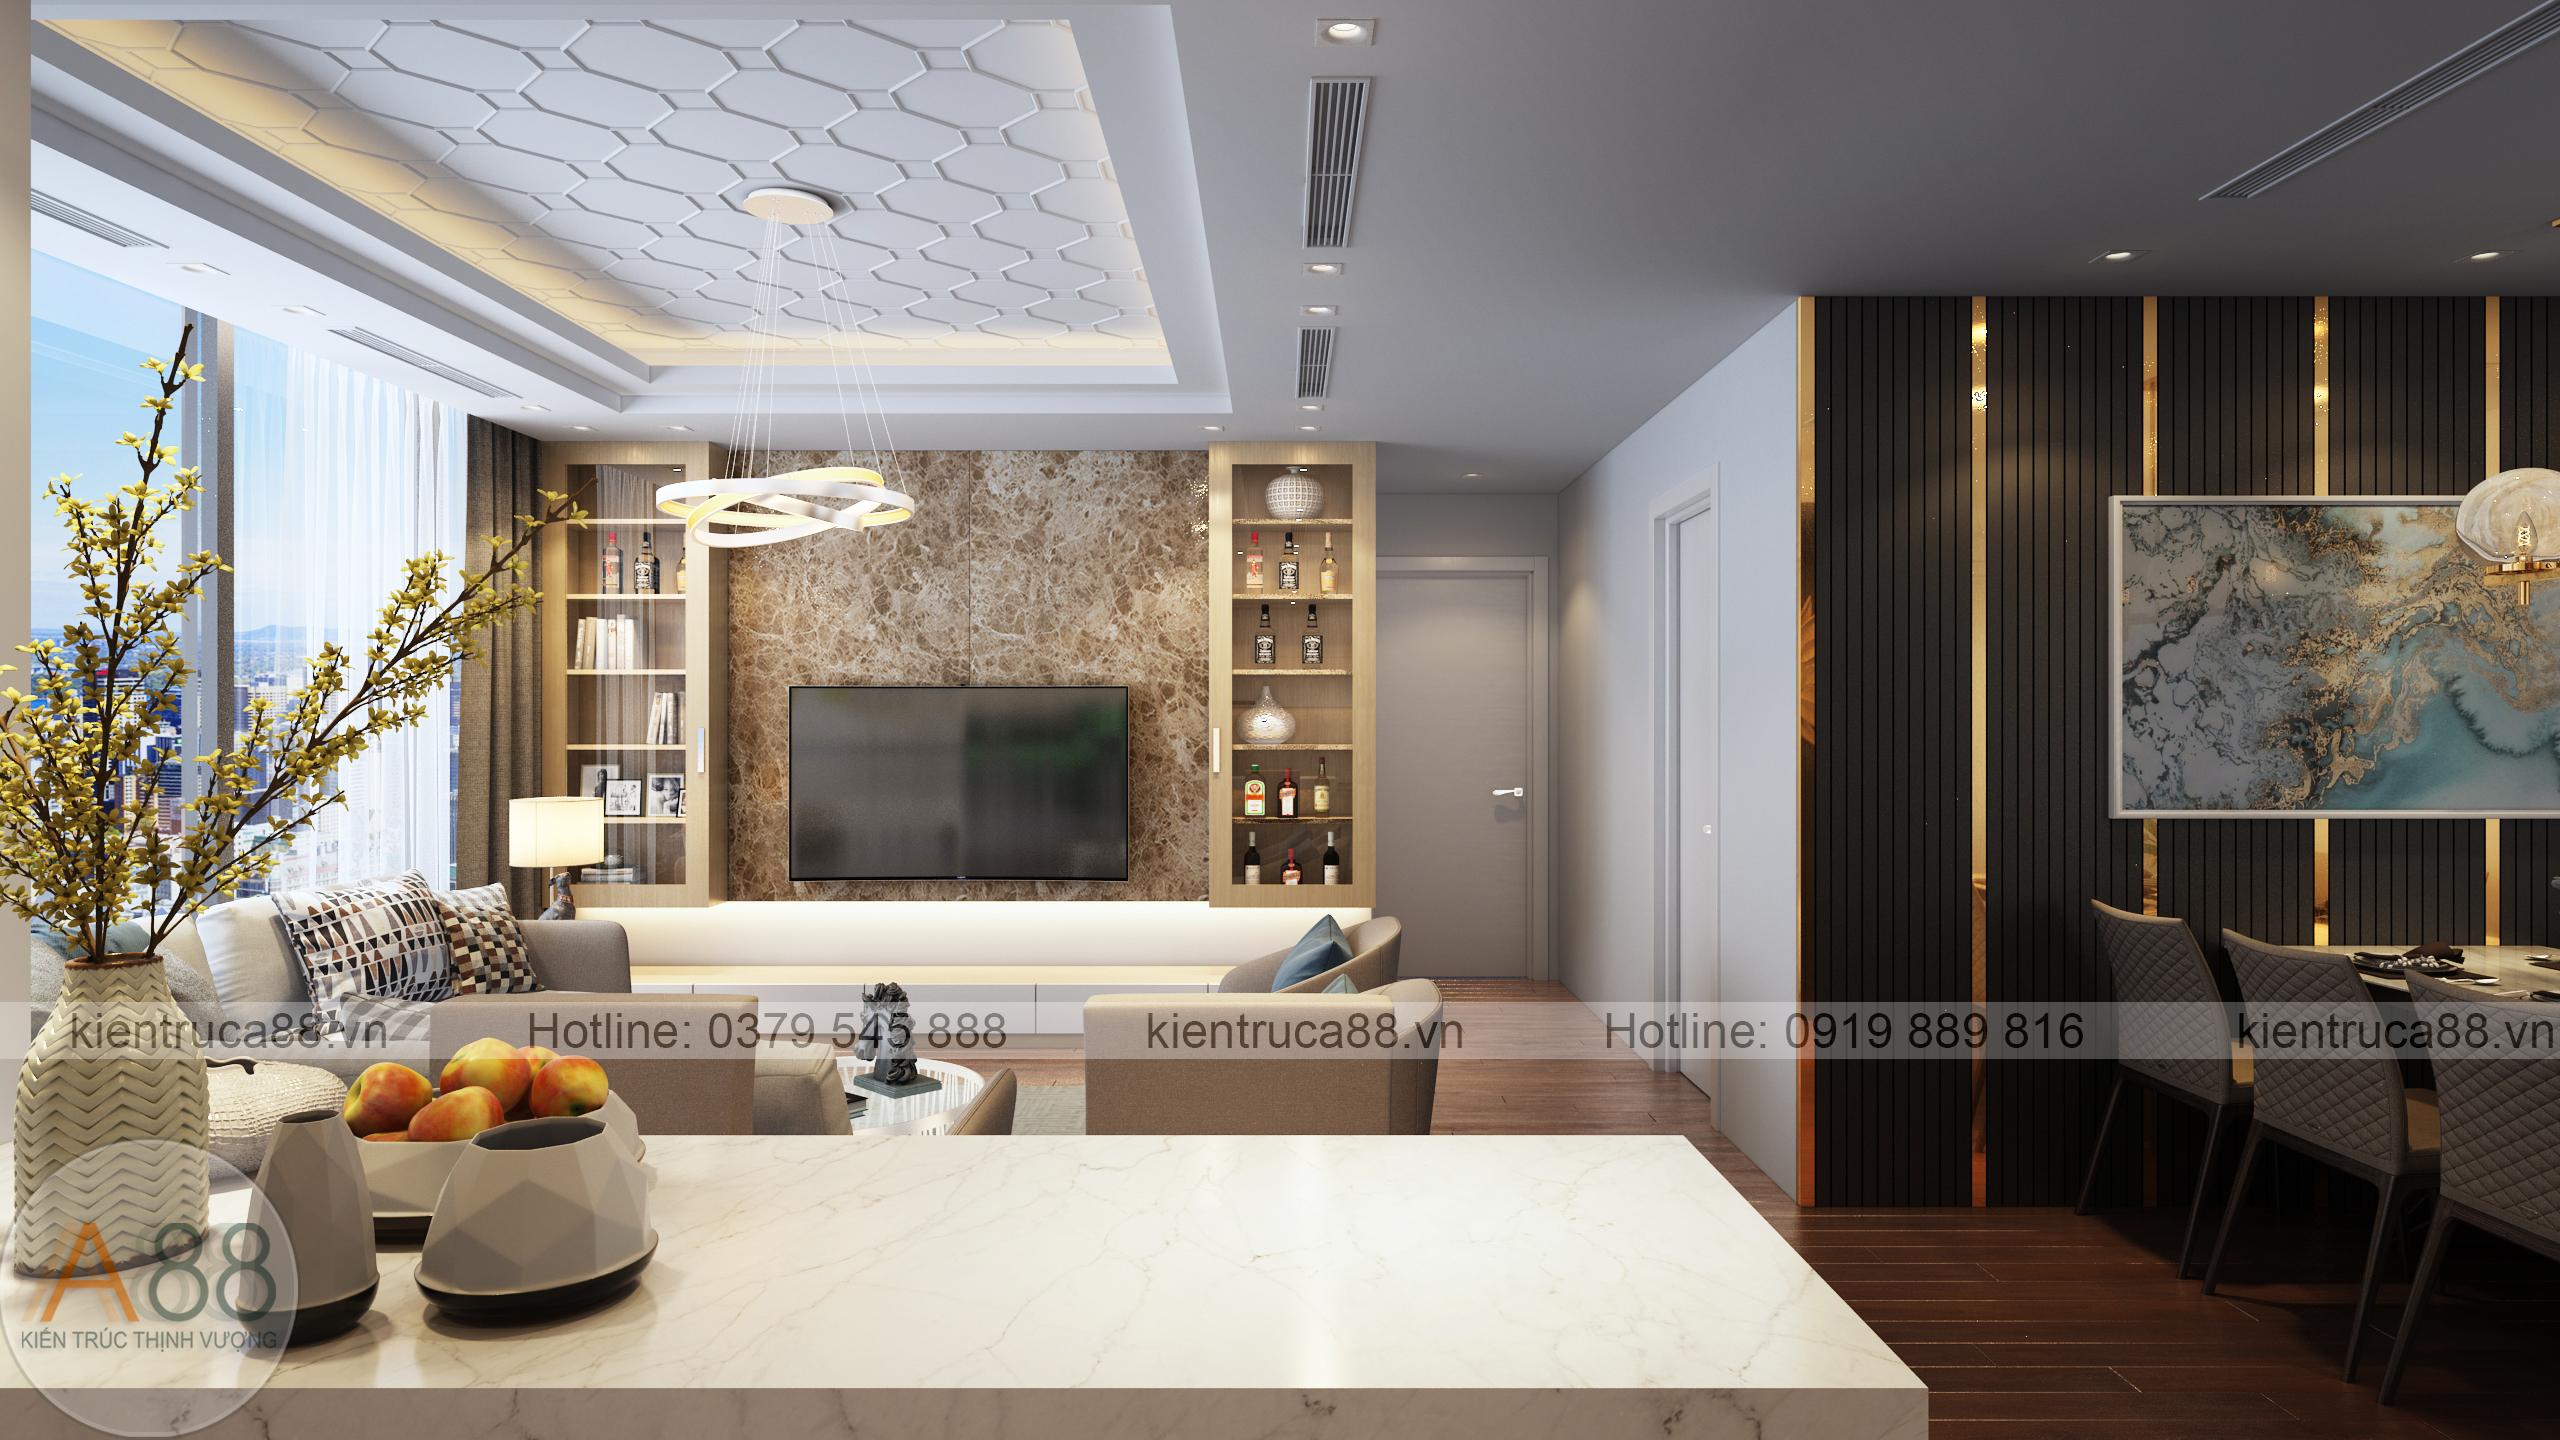 Mẫu thiết kế nội thất chung cư sunshine